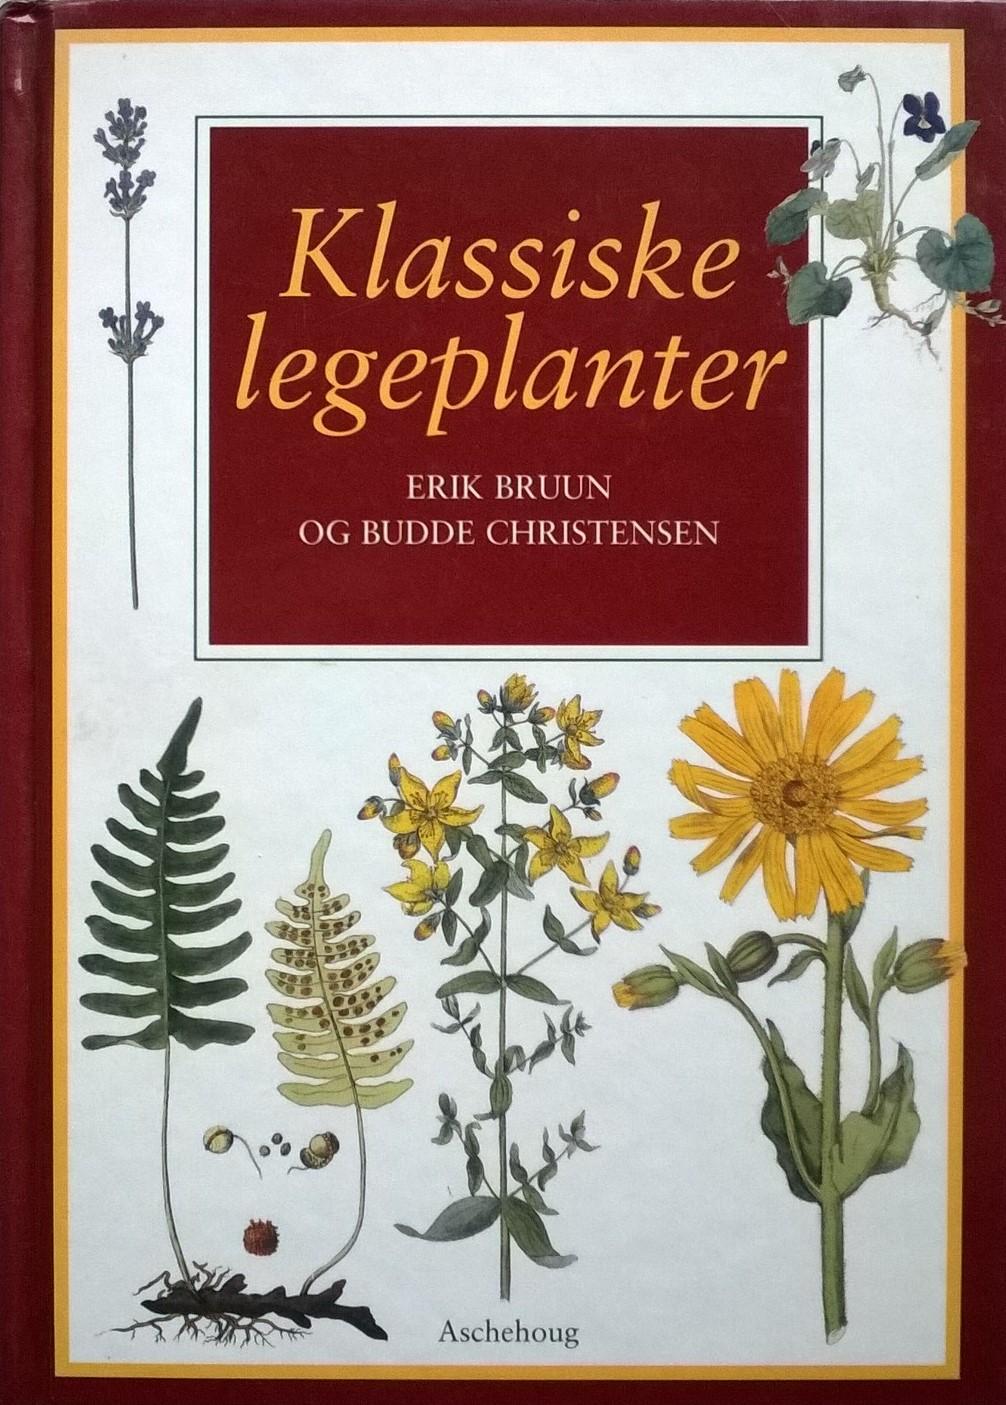 Bruun, Erik, og Budde Christensen Klassiske legeplanter